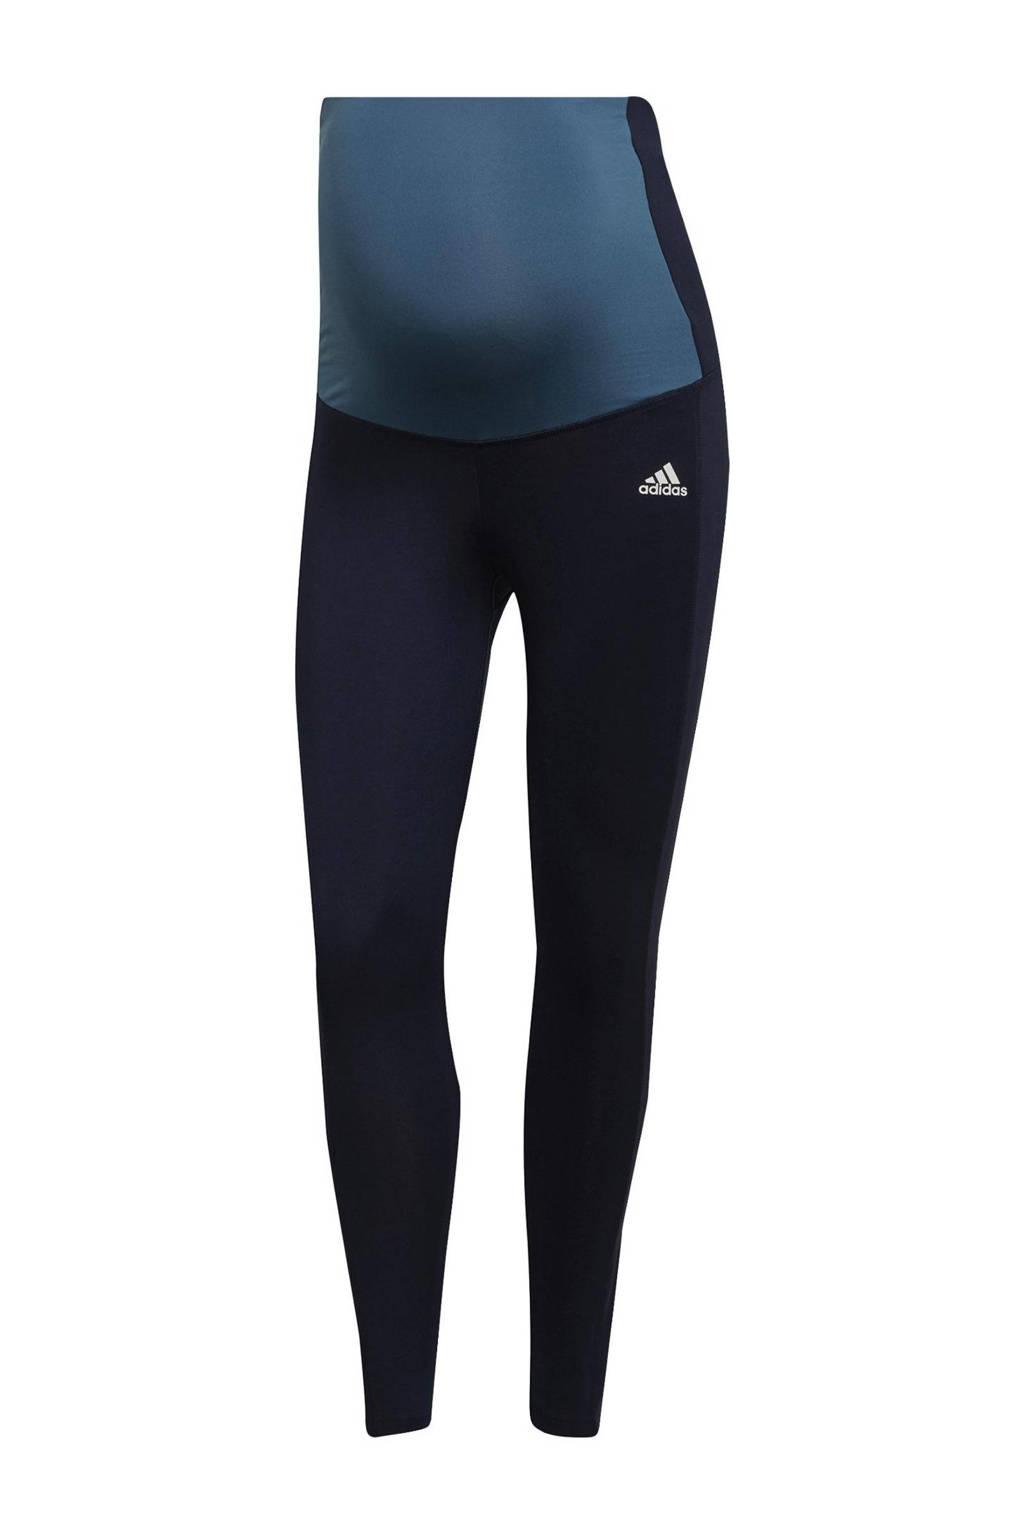 adidas Performance zwangerschapskleding zwangersschap sportlegging donkerblauw/lichtblauw/wit, Donkerblauw/lichtblauw/wit